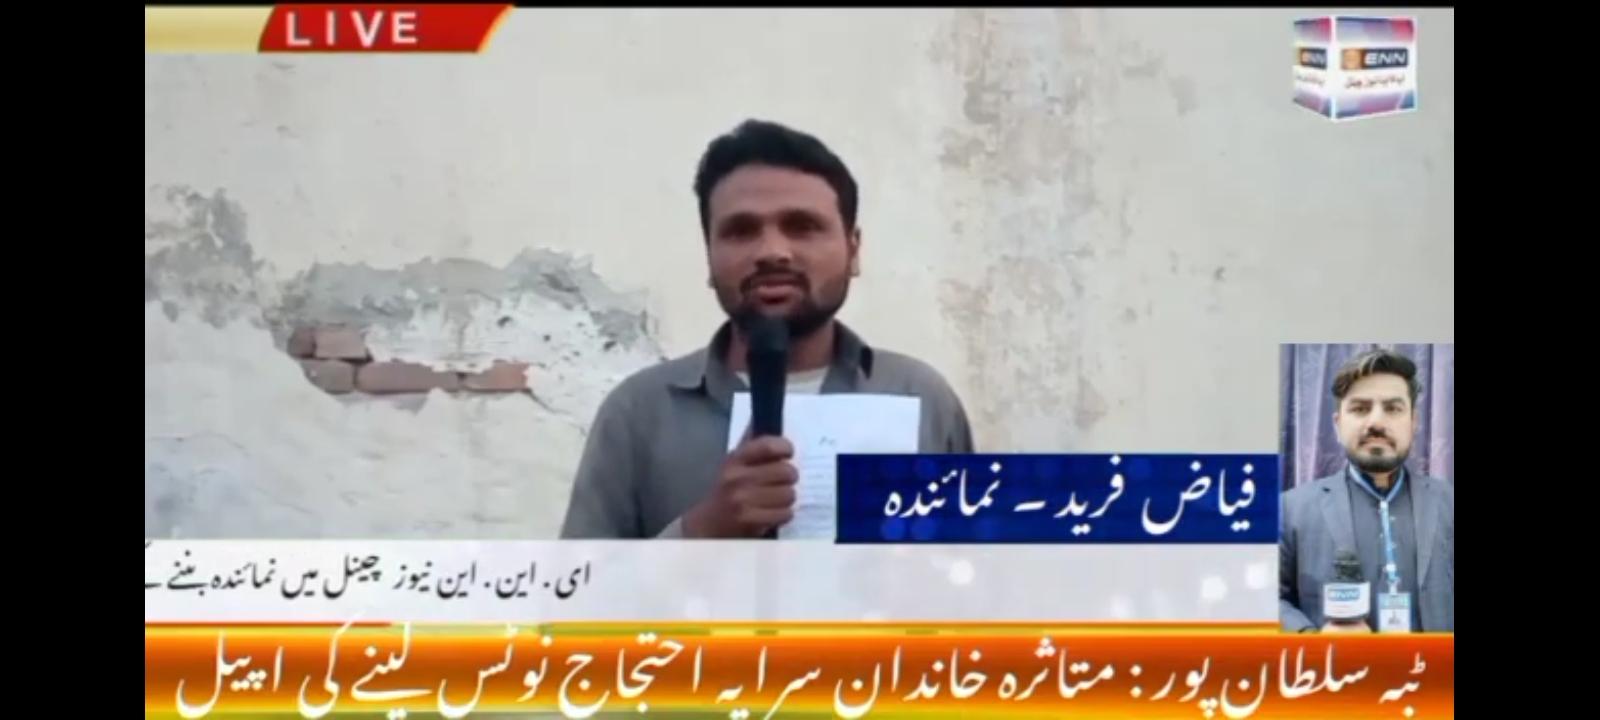 ٹبہ سلطان پور : متاثرہ خاندان سراپہ احتجاج نوٹس لینے کی اپیل